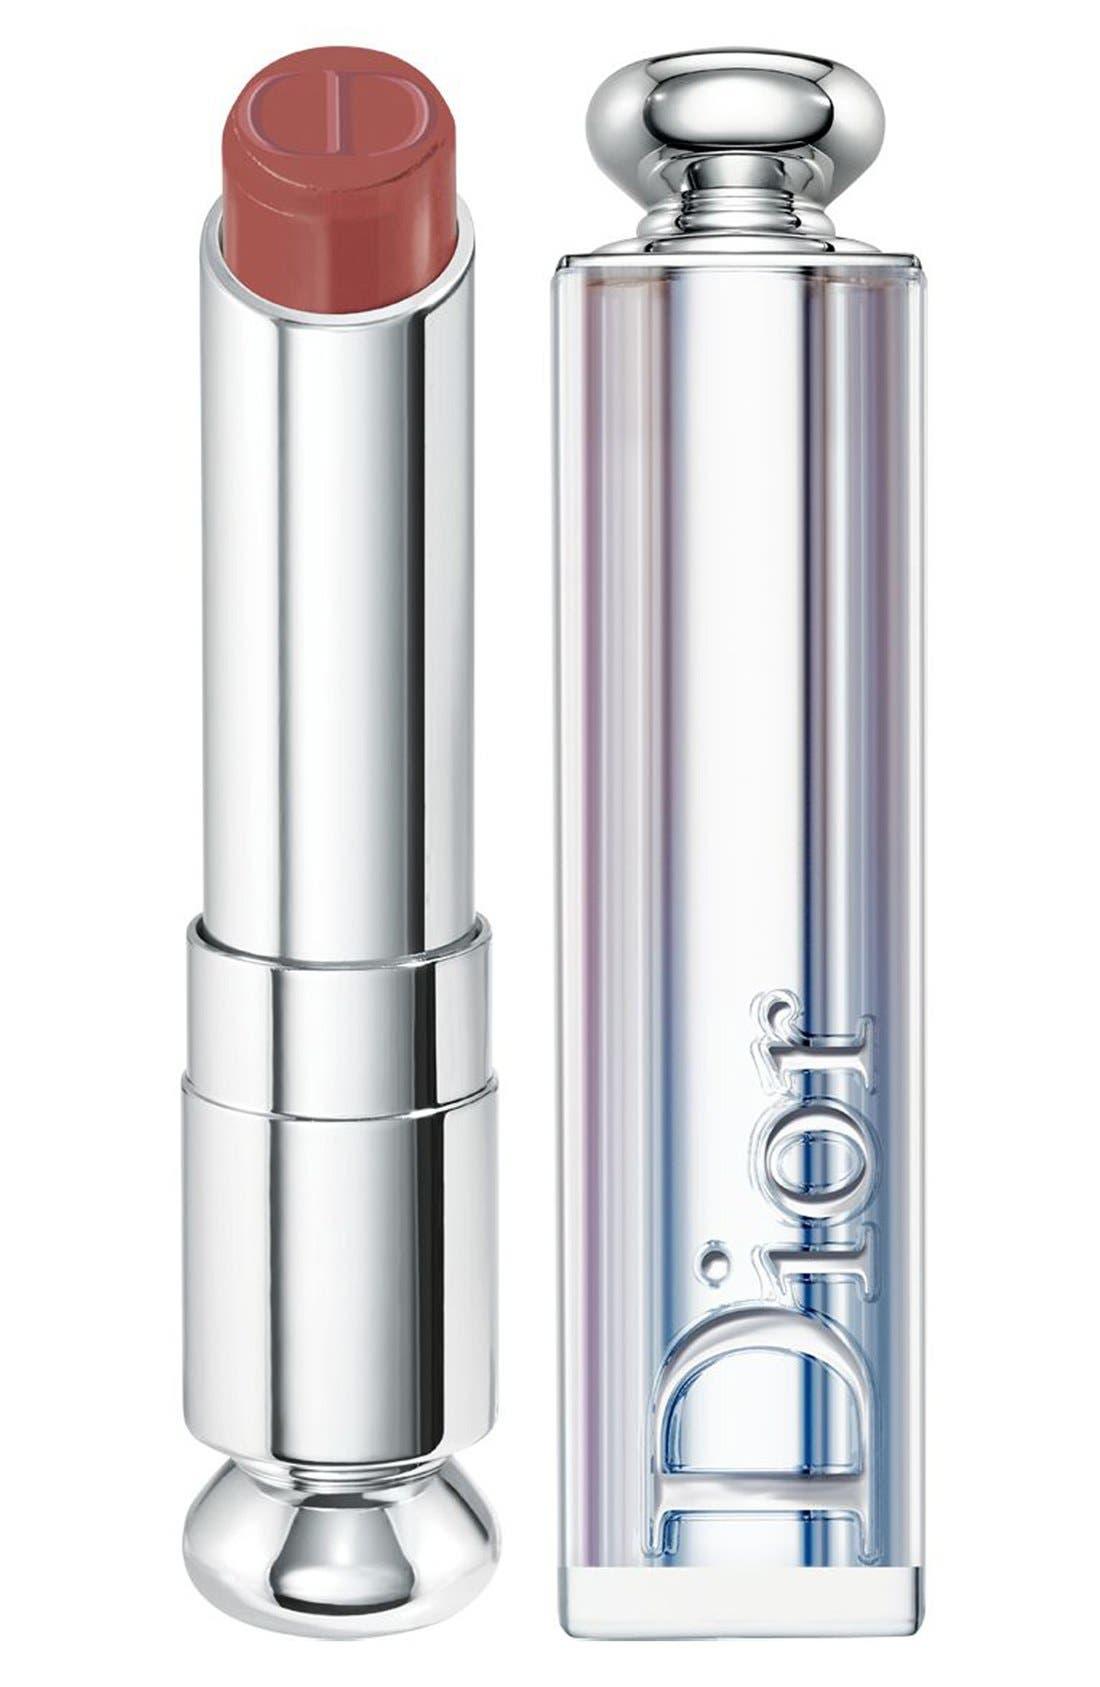 Dior 'Addict' Hydra-Gel Core Mirror Shine Lipstick